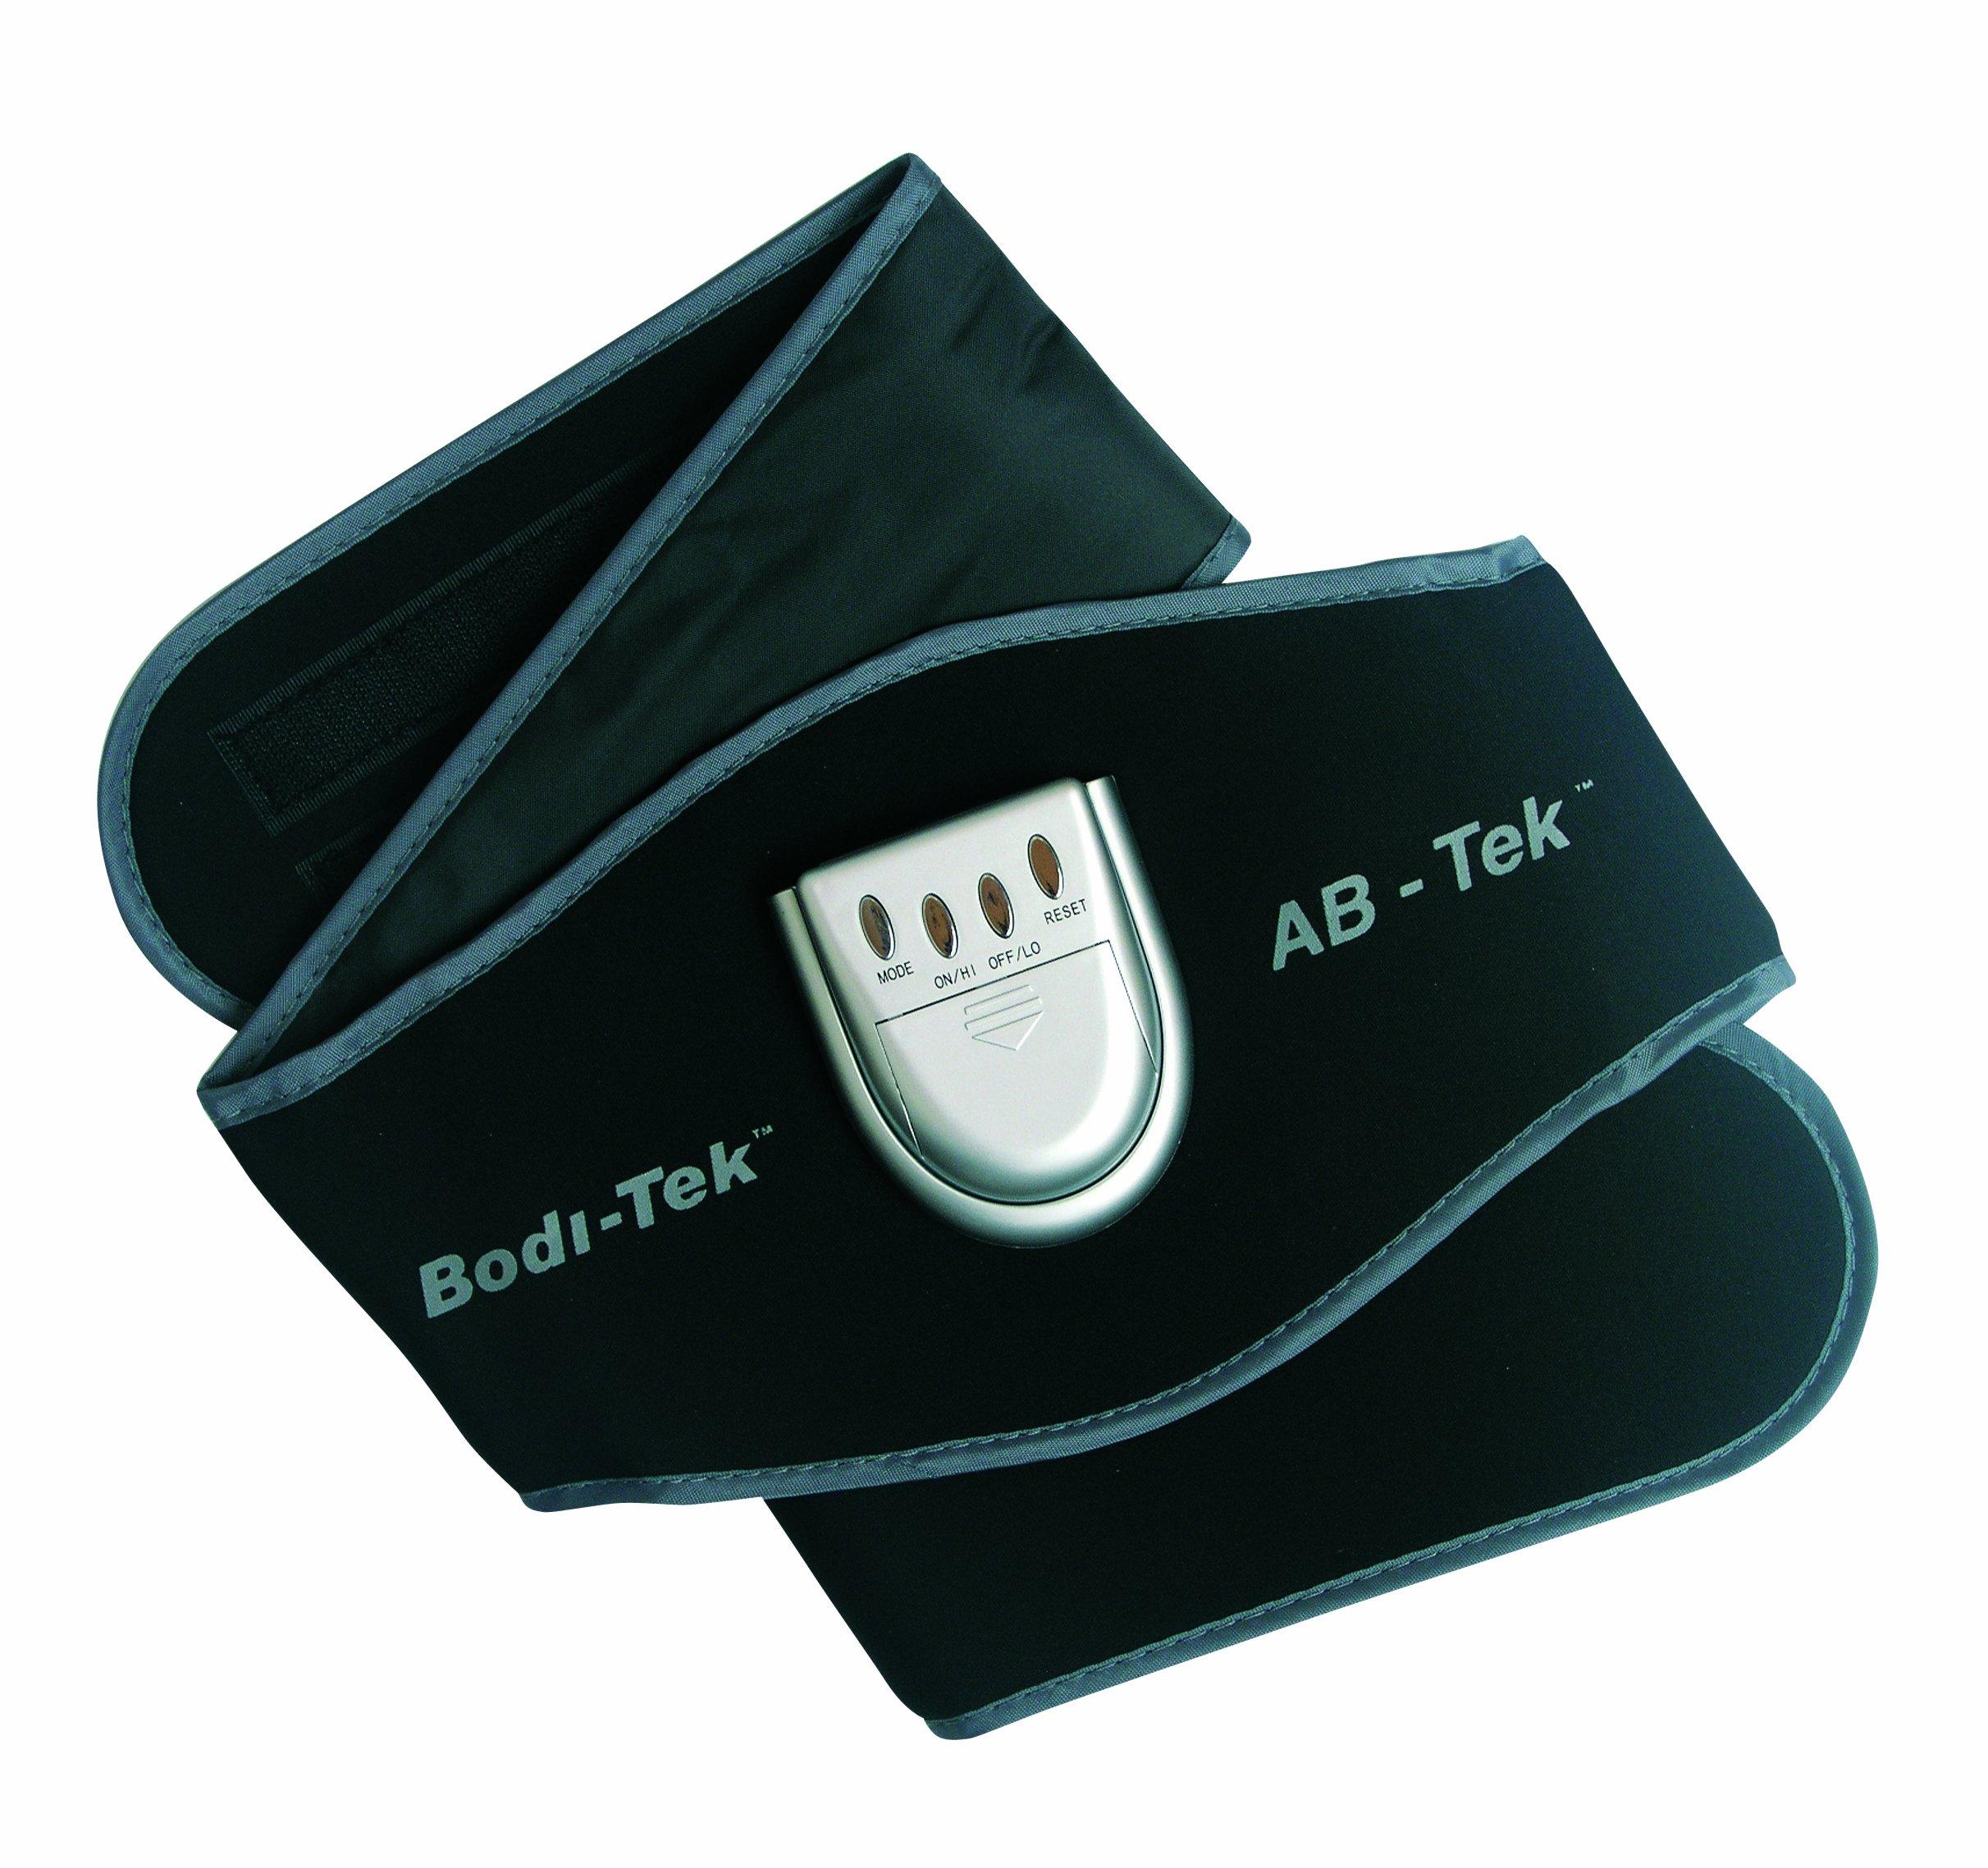 Bodi-Tek Unisex Abs Abdominal /& Arms Toning Belt